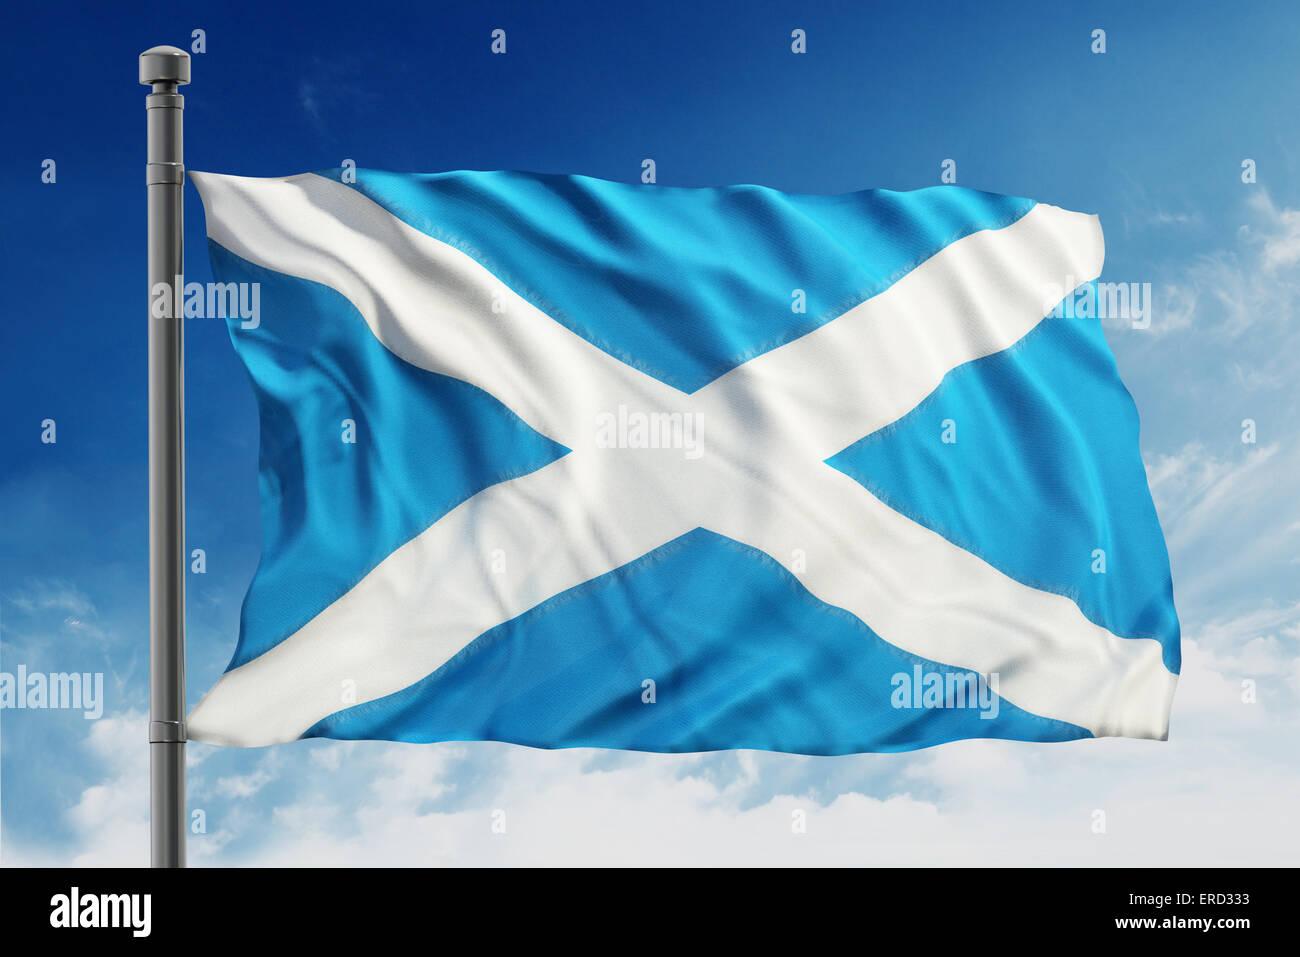 Flag of scotland on blue background - Stock Image